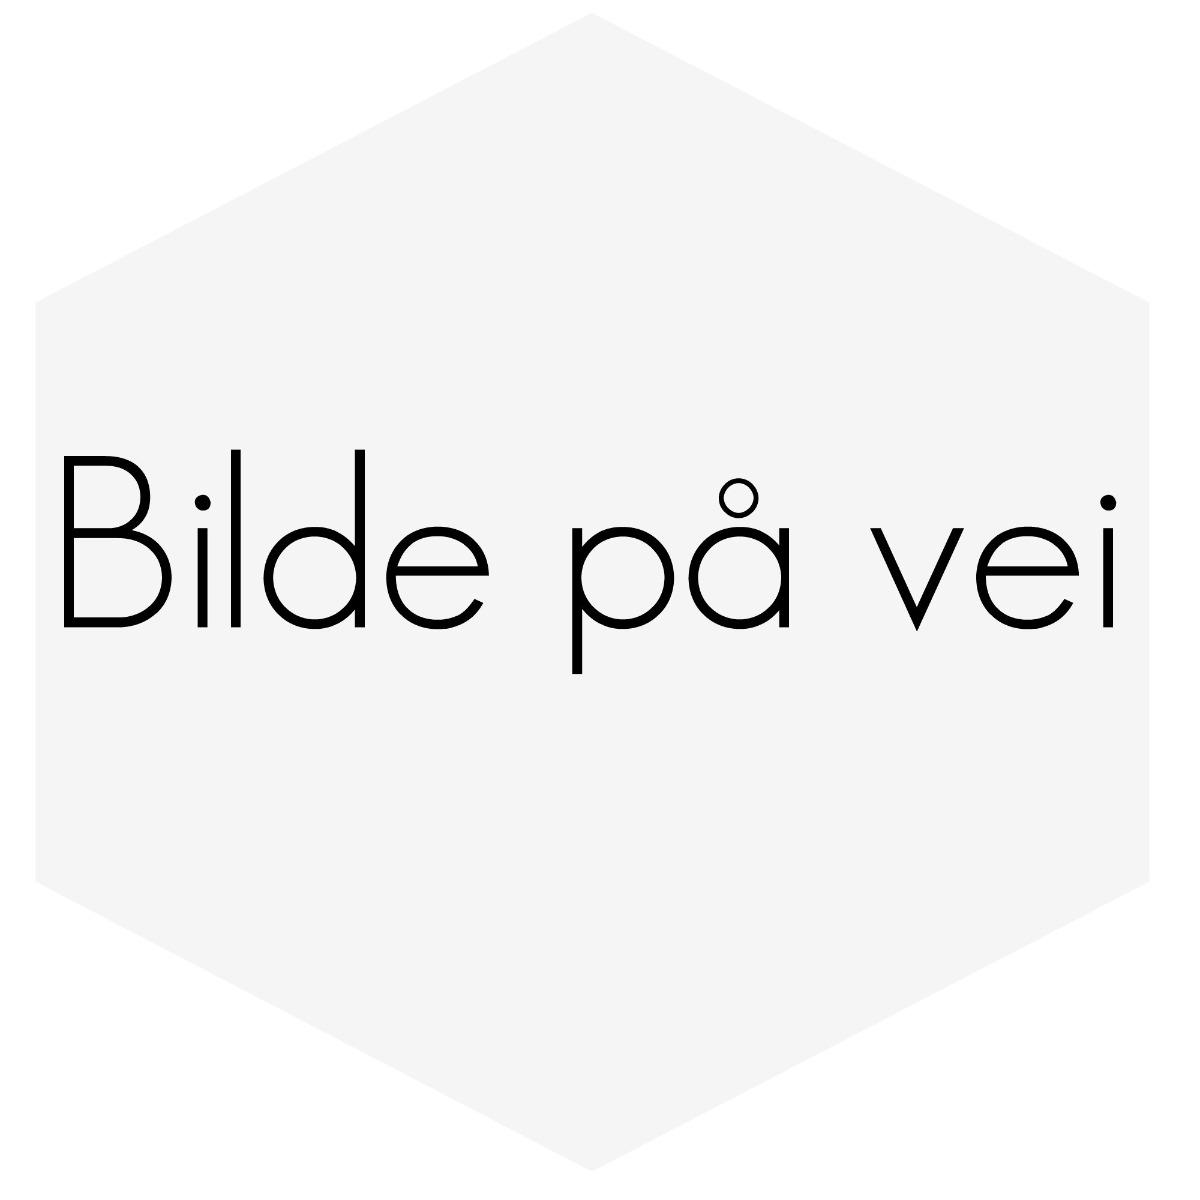 """SILIKONSLANGE RØD KOBLING 3,5"""" (89MM)"""